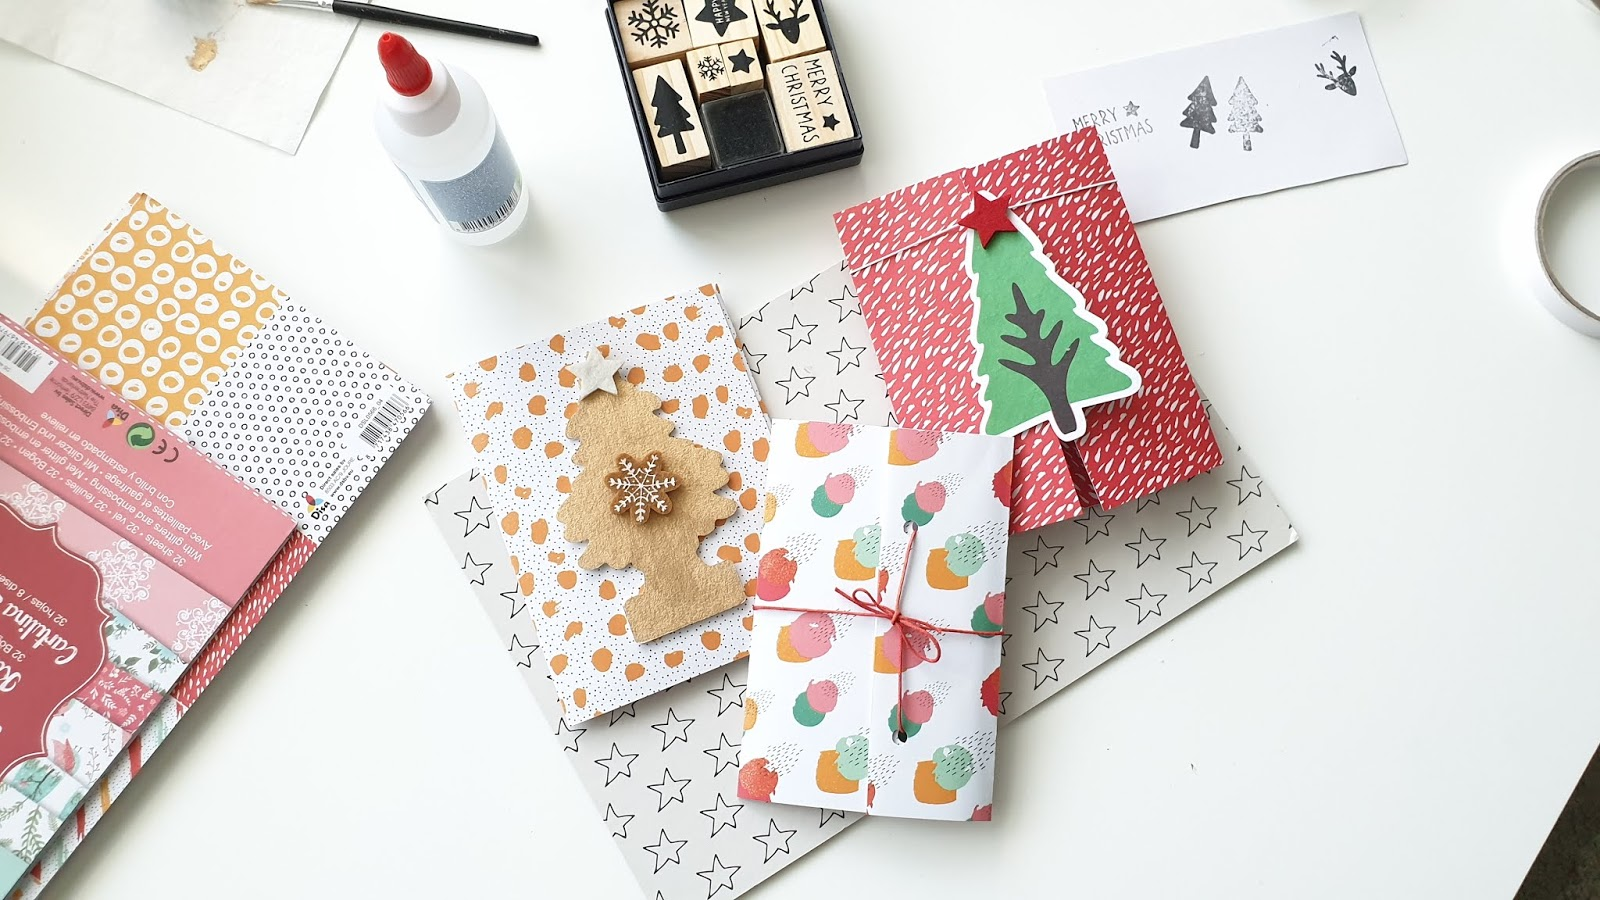 Sposób na kartkę świąteczną